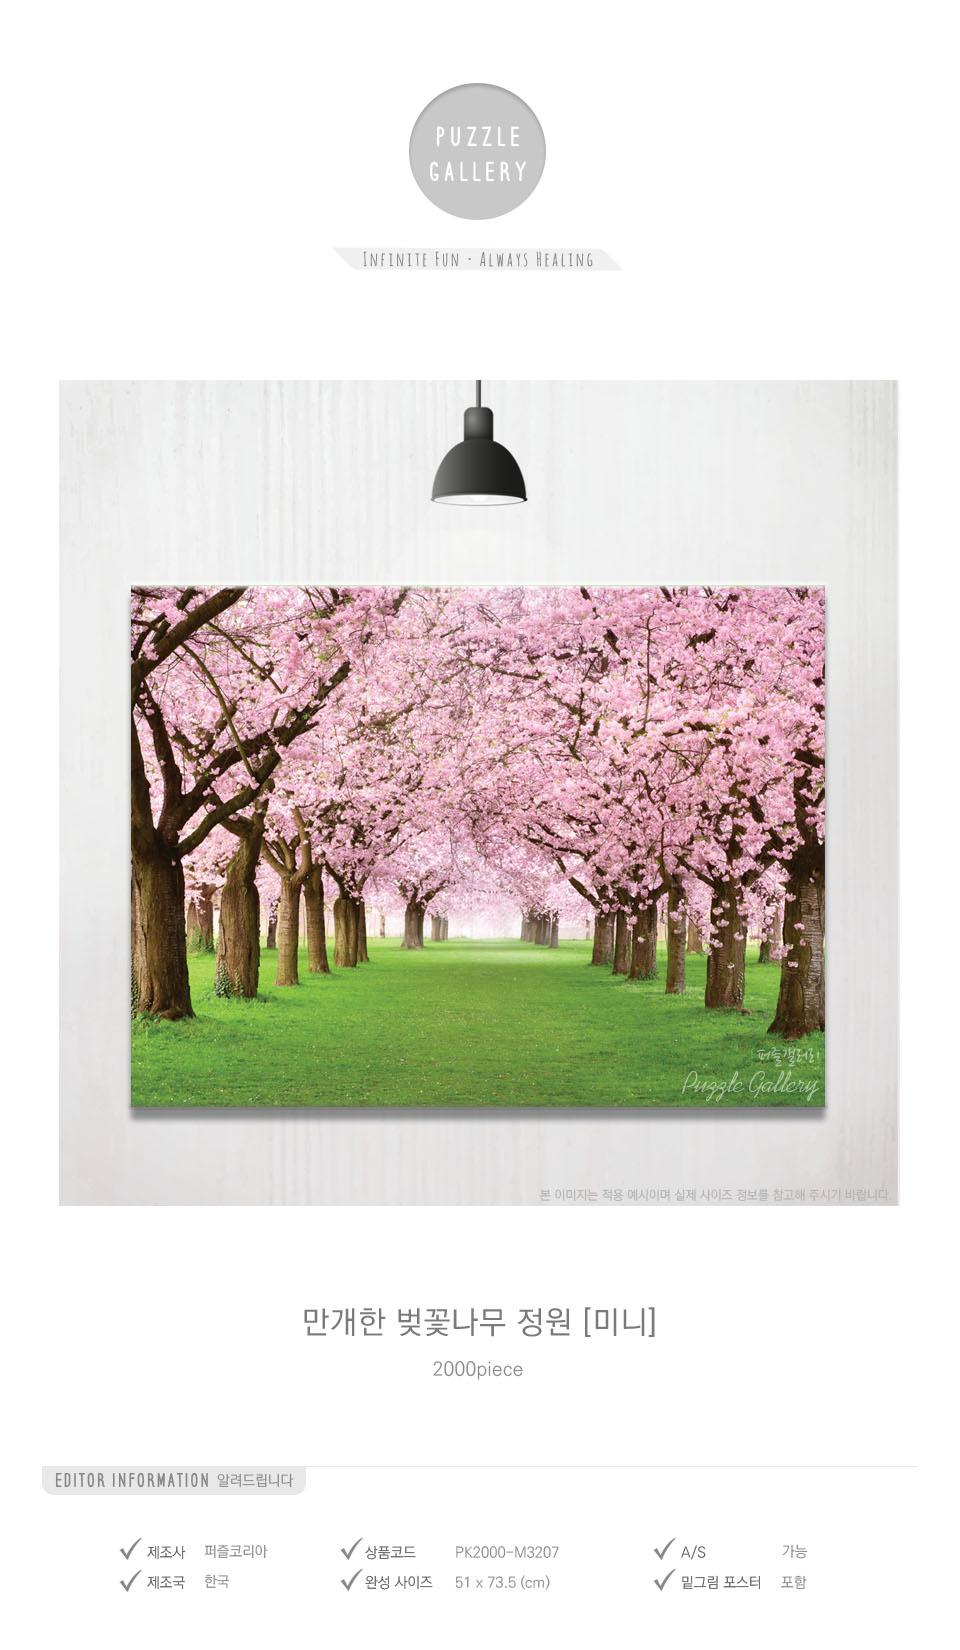 2000조각 미니퍼즐 - 만개한 벚꽃나무 정원 (PK20-3207) - 퍼즐갤러리, 30,000원, 조각/퍼즐, 풍경 직소퍼즐